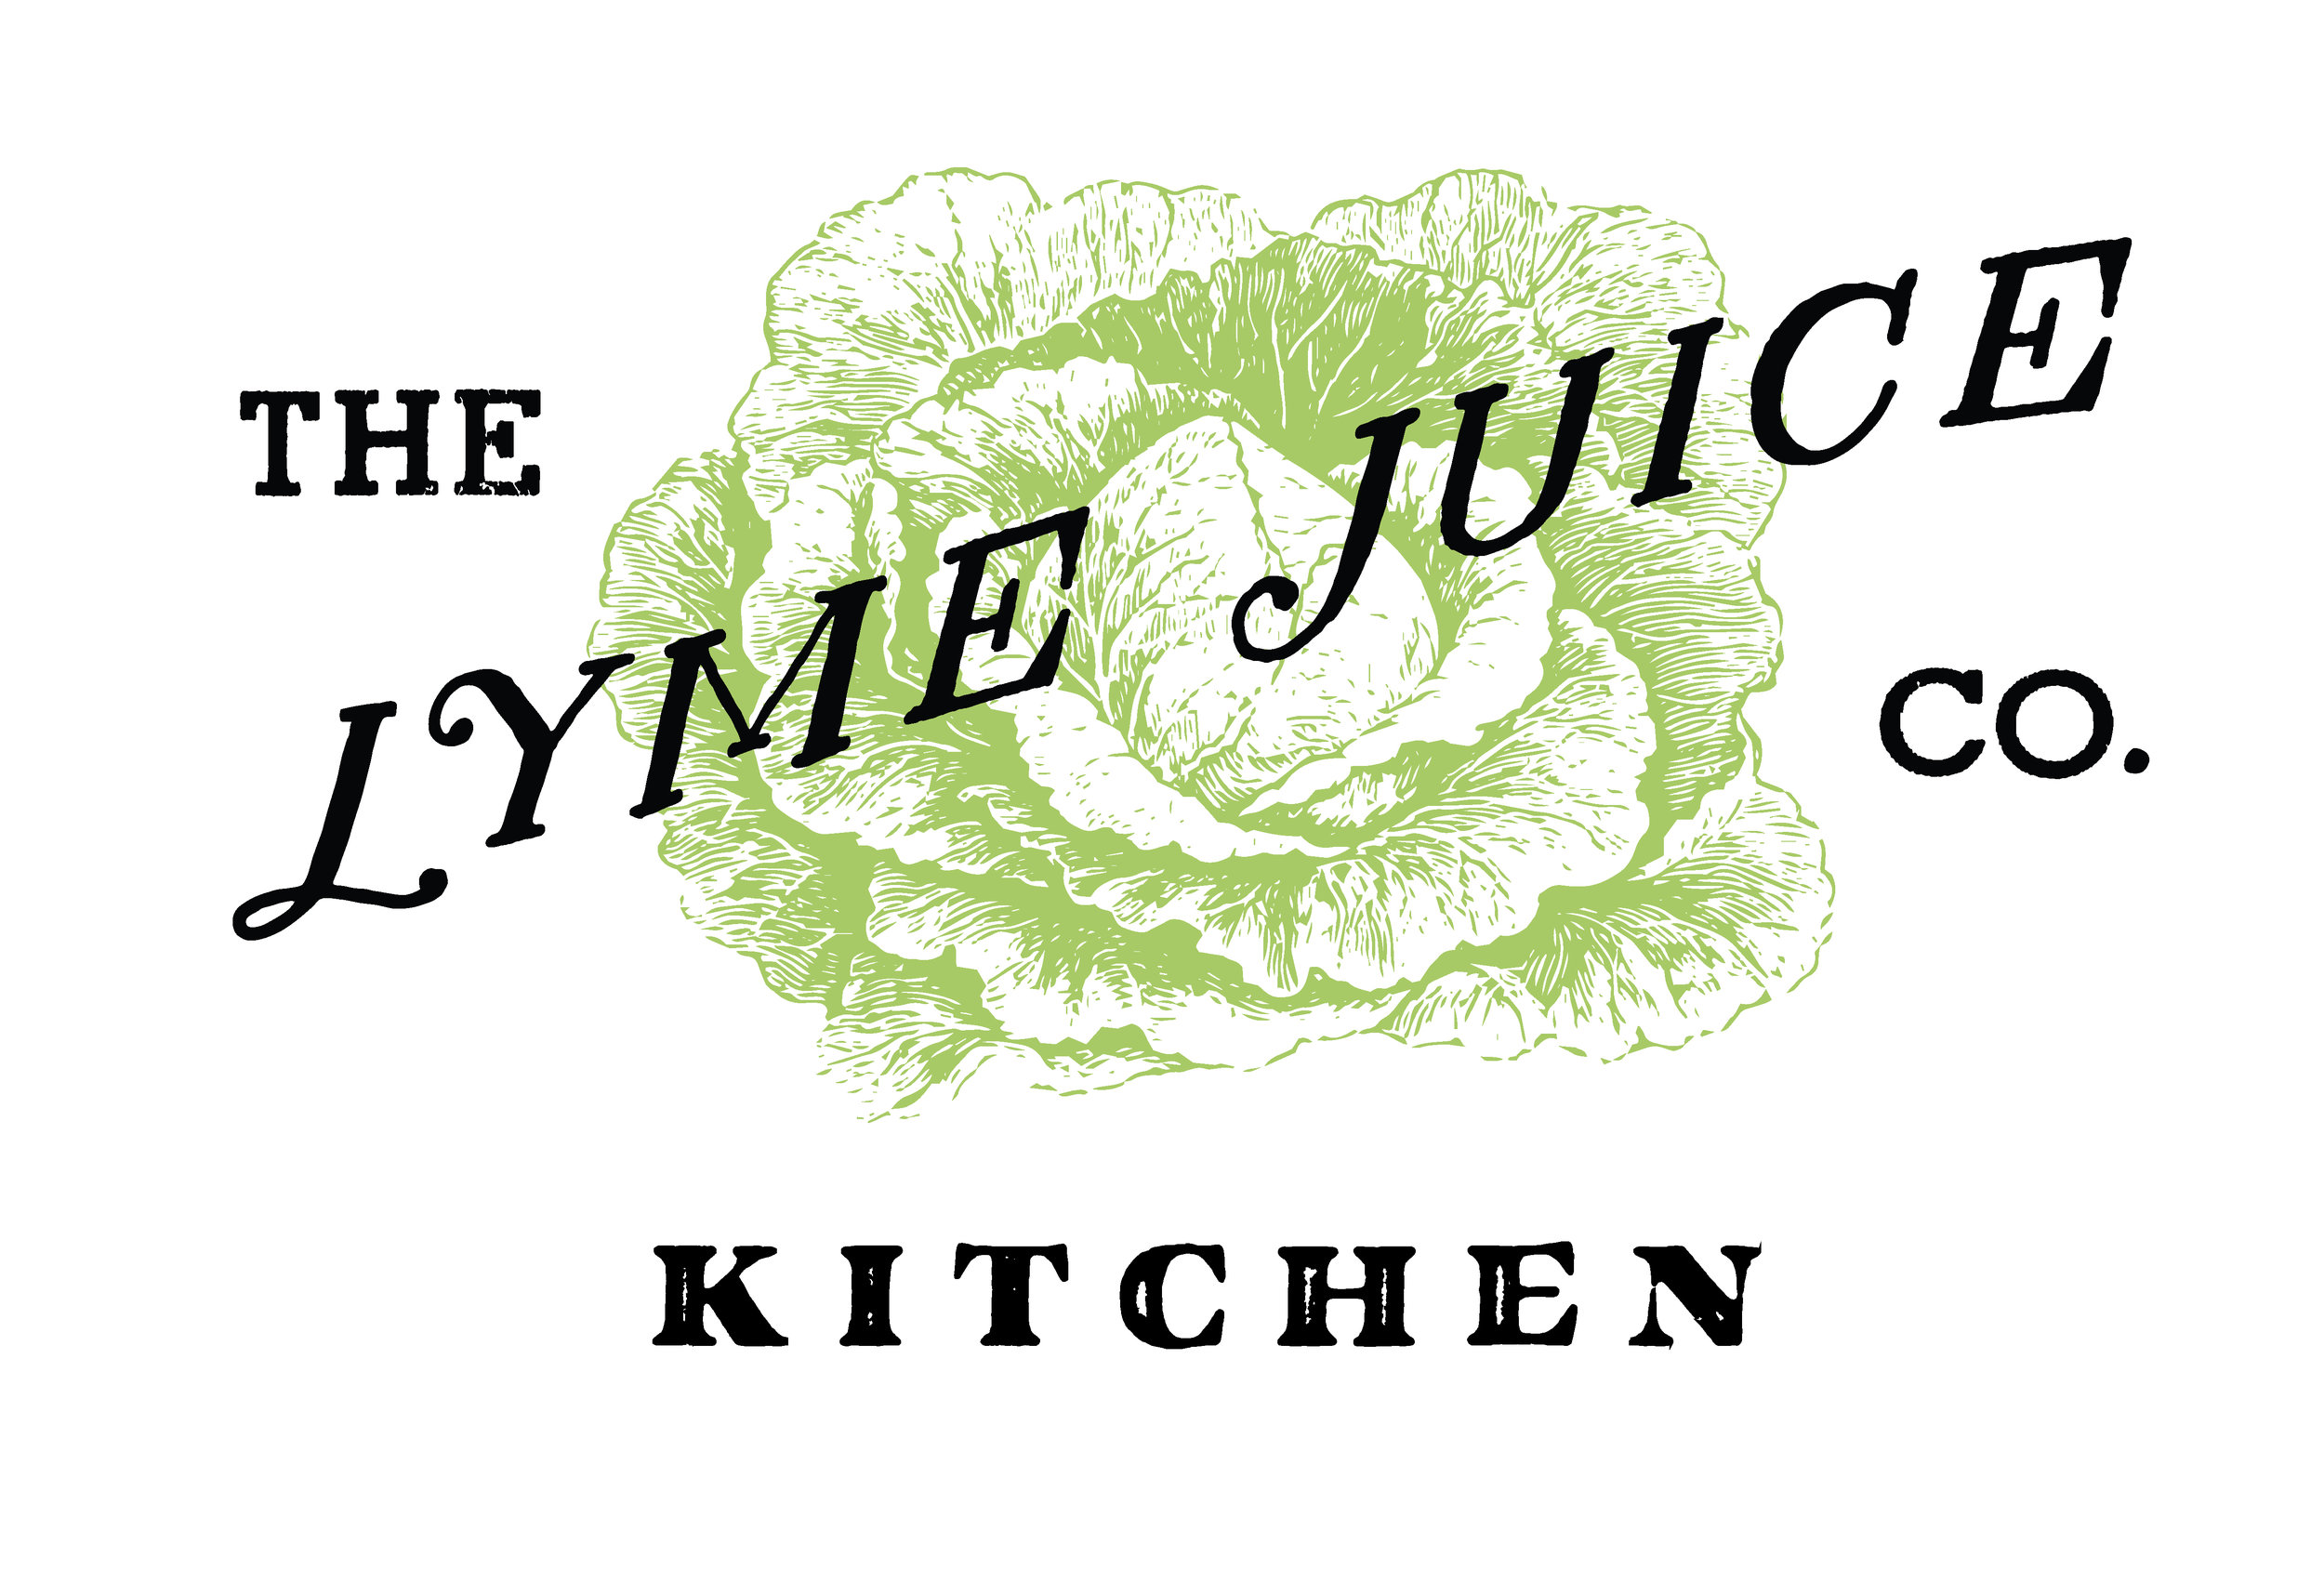 LymeJuice_kitchenv2boldest.jpg